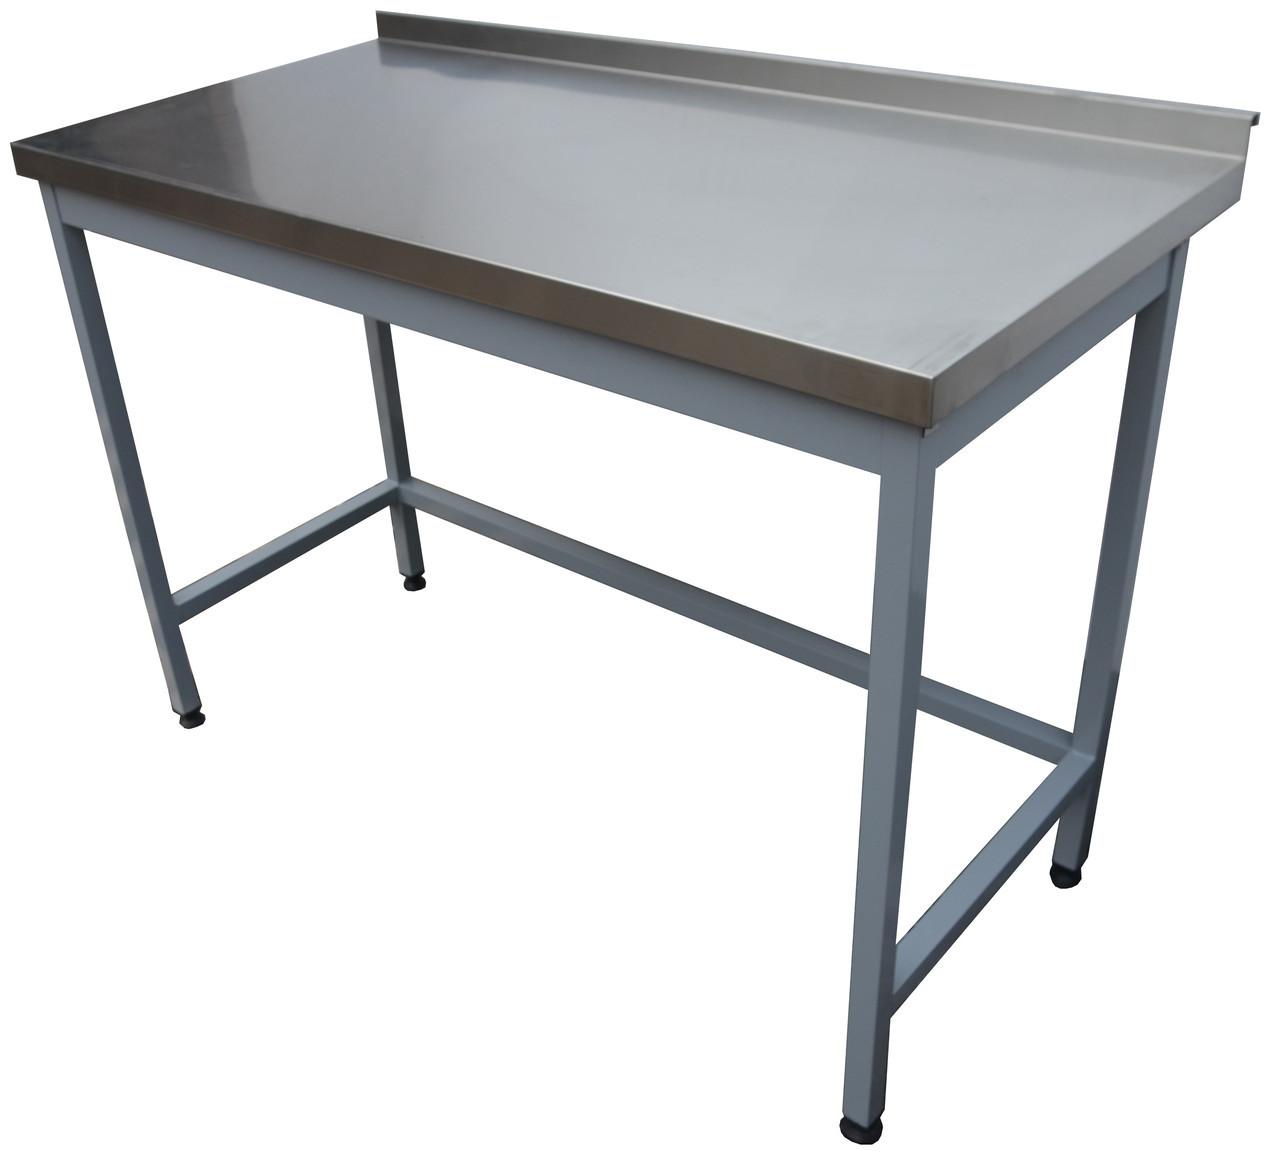 Столы кухонные производственные  из нержавеющей стали, без полки